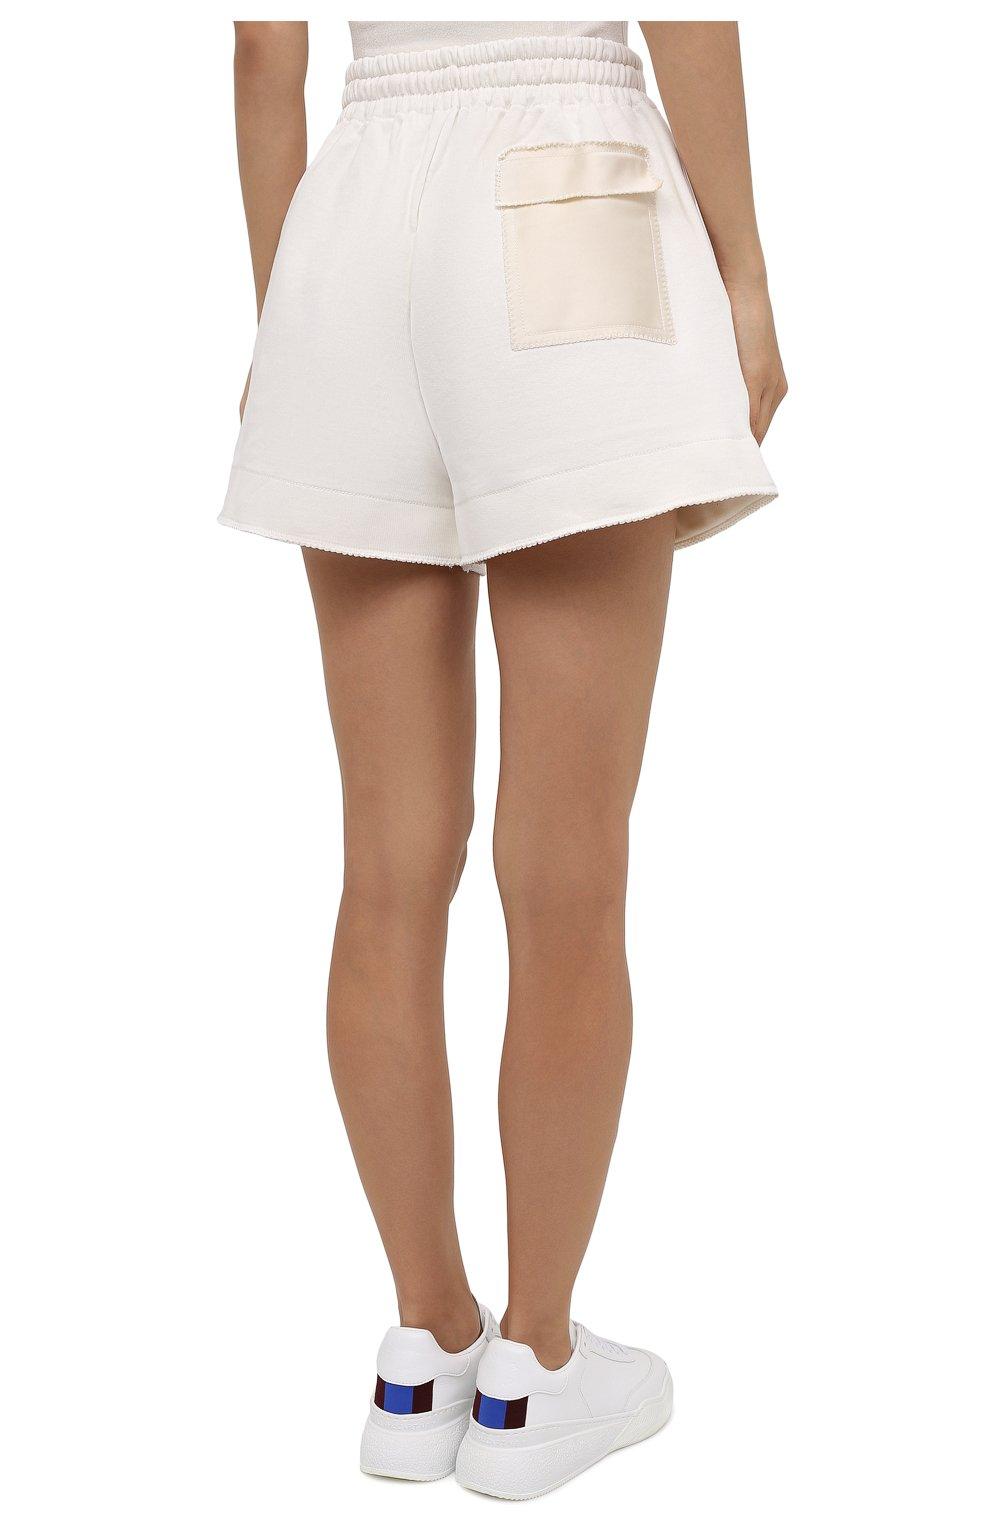 Женские хлопковые шорты AZ FACTORY белого цвета, арт. SH0004/0C1 | Фото 4 (Женское Кросс-КТ: Шорты-одежда; Длина Ж (юбки, платья, шорты): Мини; Кросс-КТ: Трикотаж; Материал внешний: Хлопок; Стили: Спорт-шик)